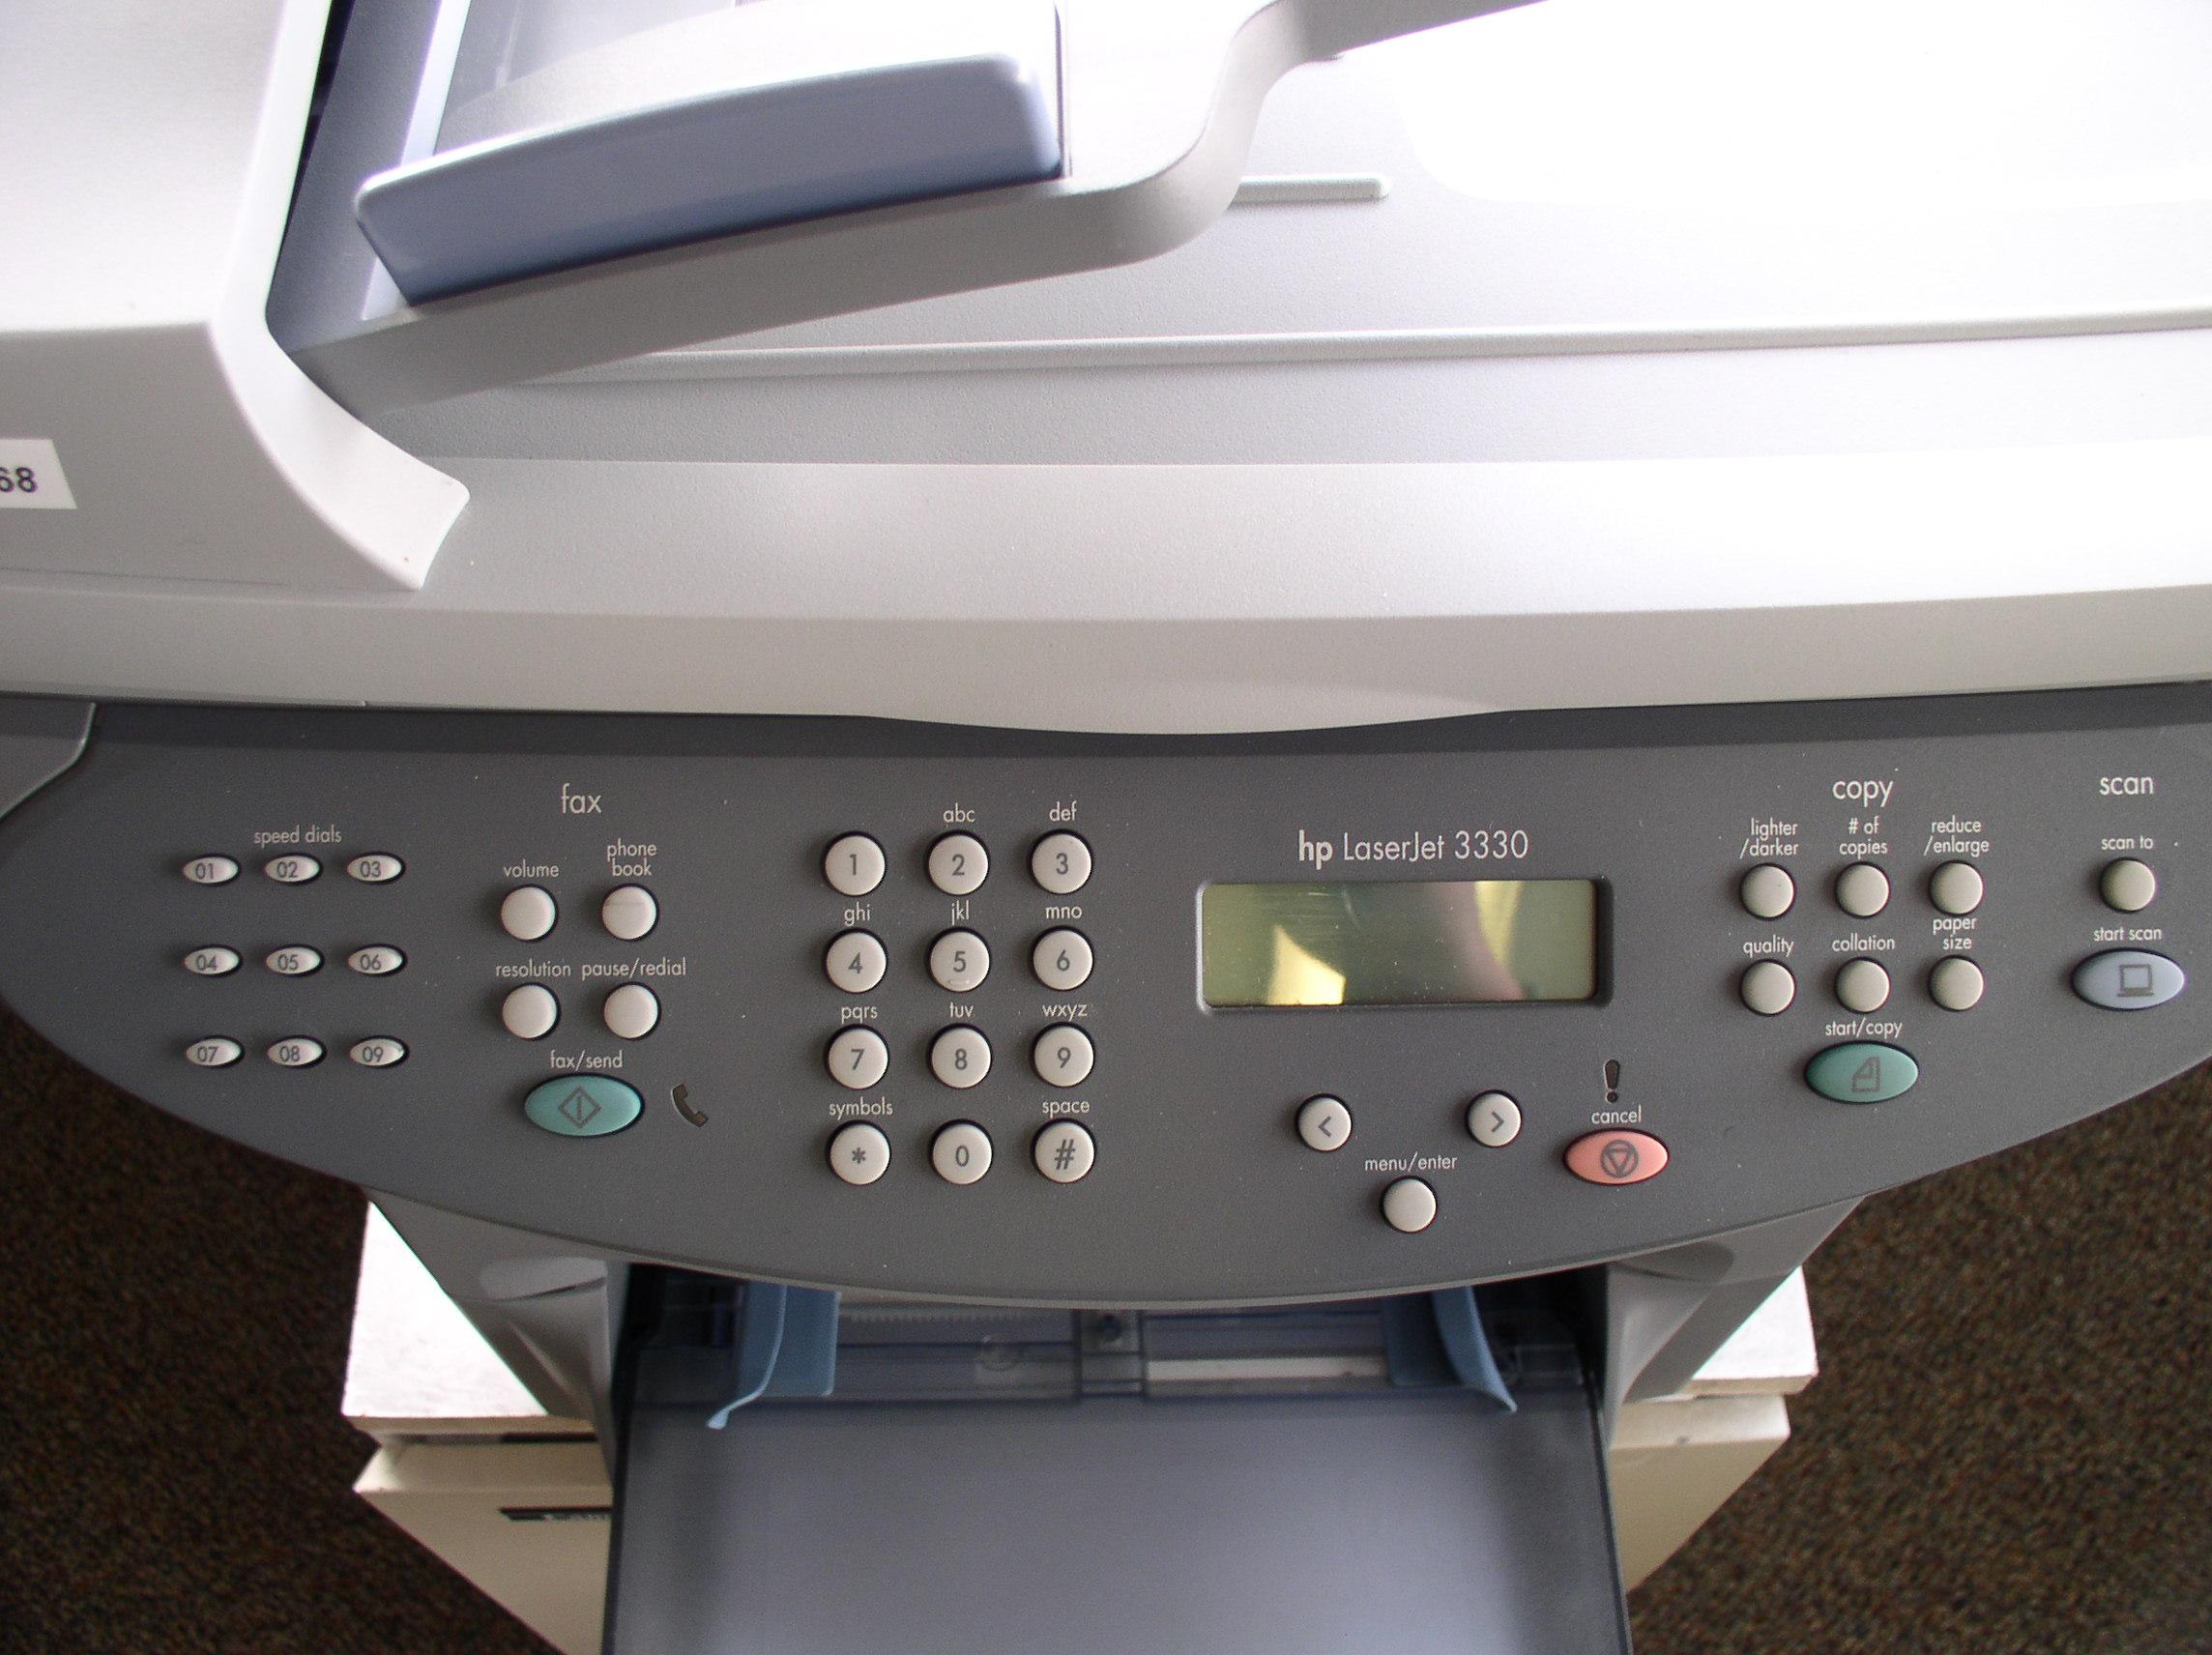 На 3330 принтер hp драйвер